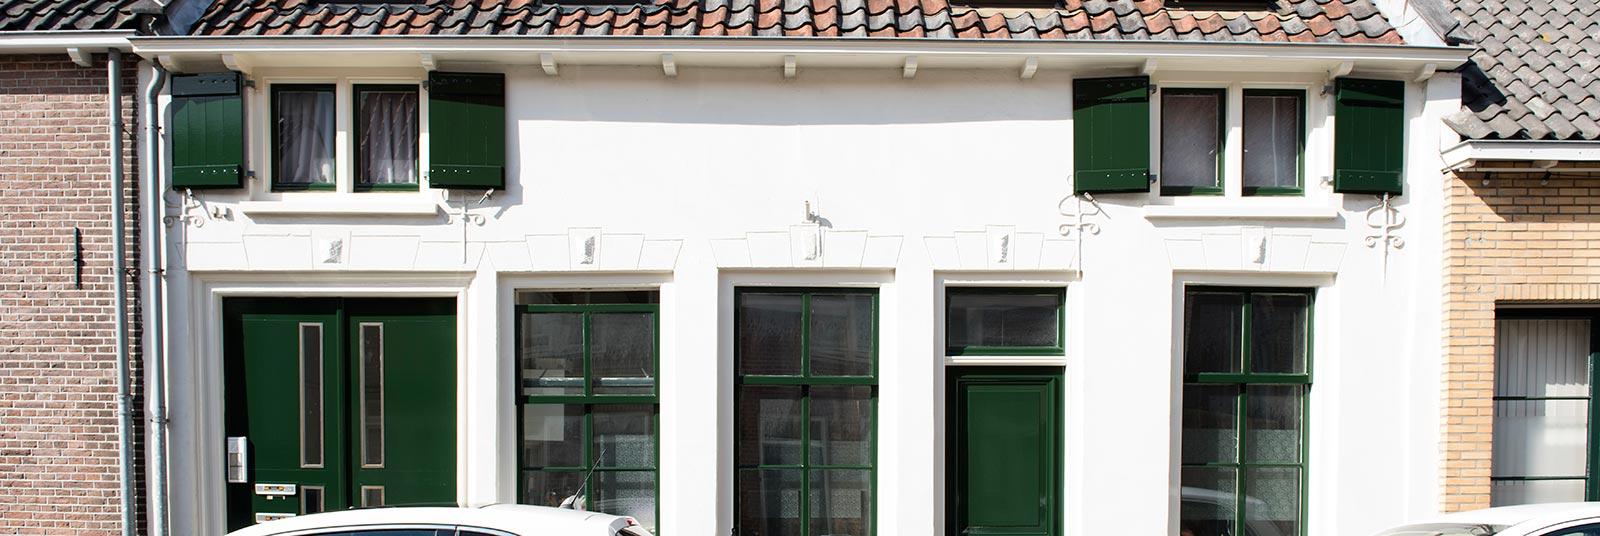 Schildersbedrijf Vianen - Kerkstraat 1